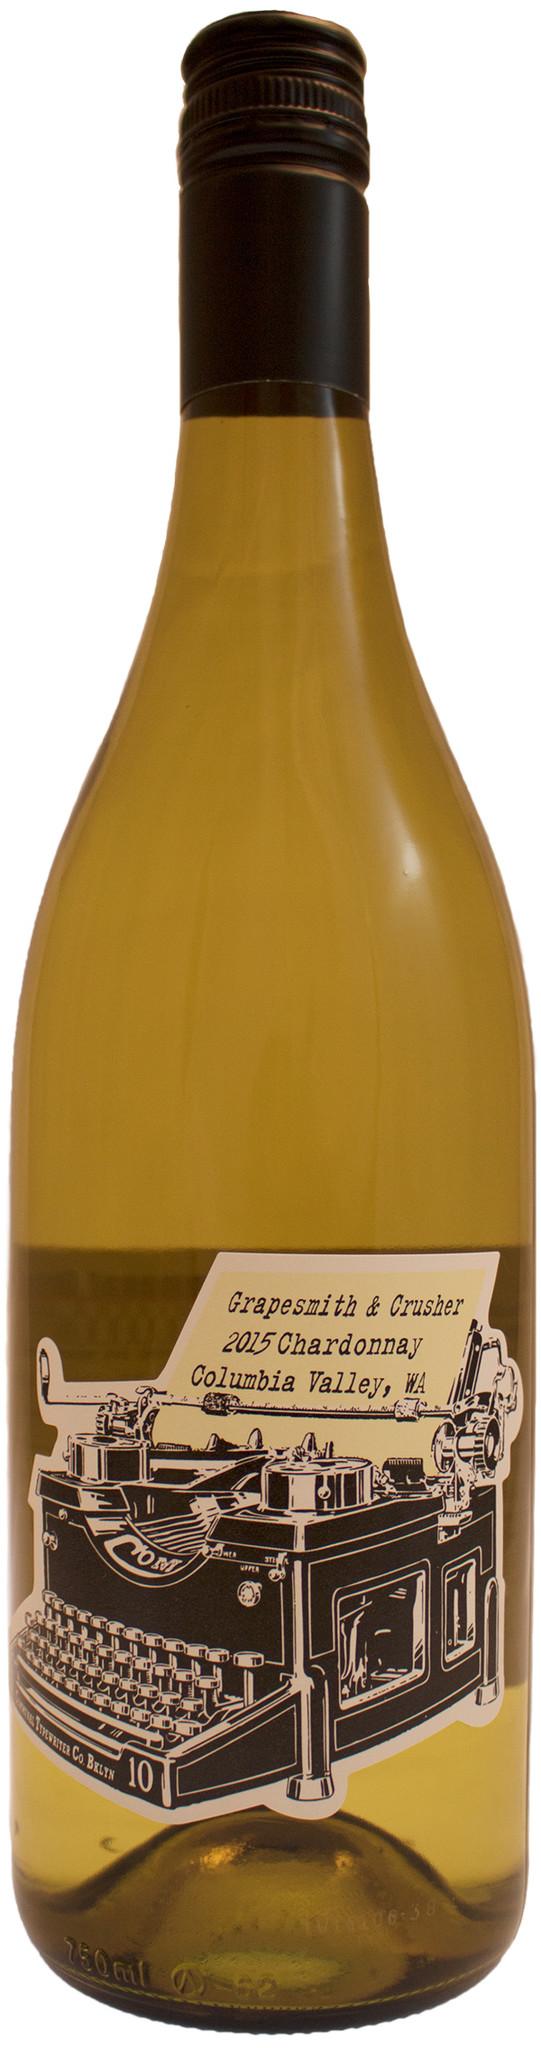 USA Grapesmith & Crusher Chardonnay 2017